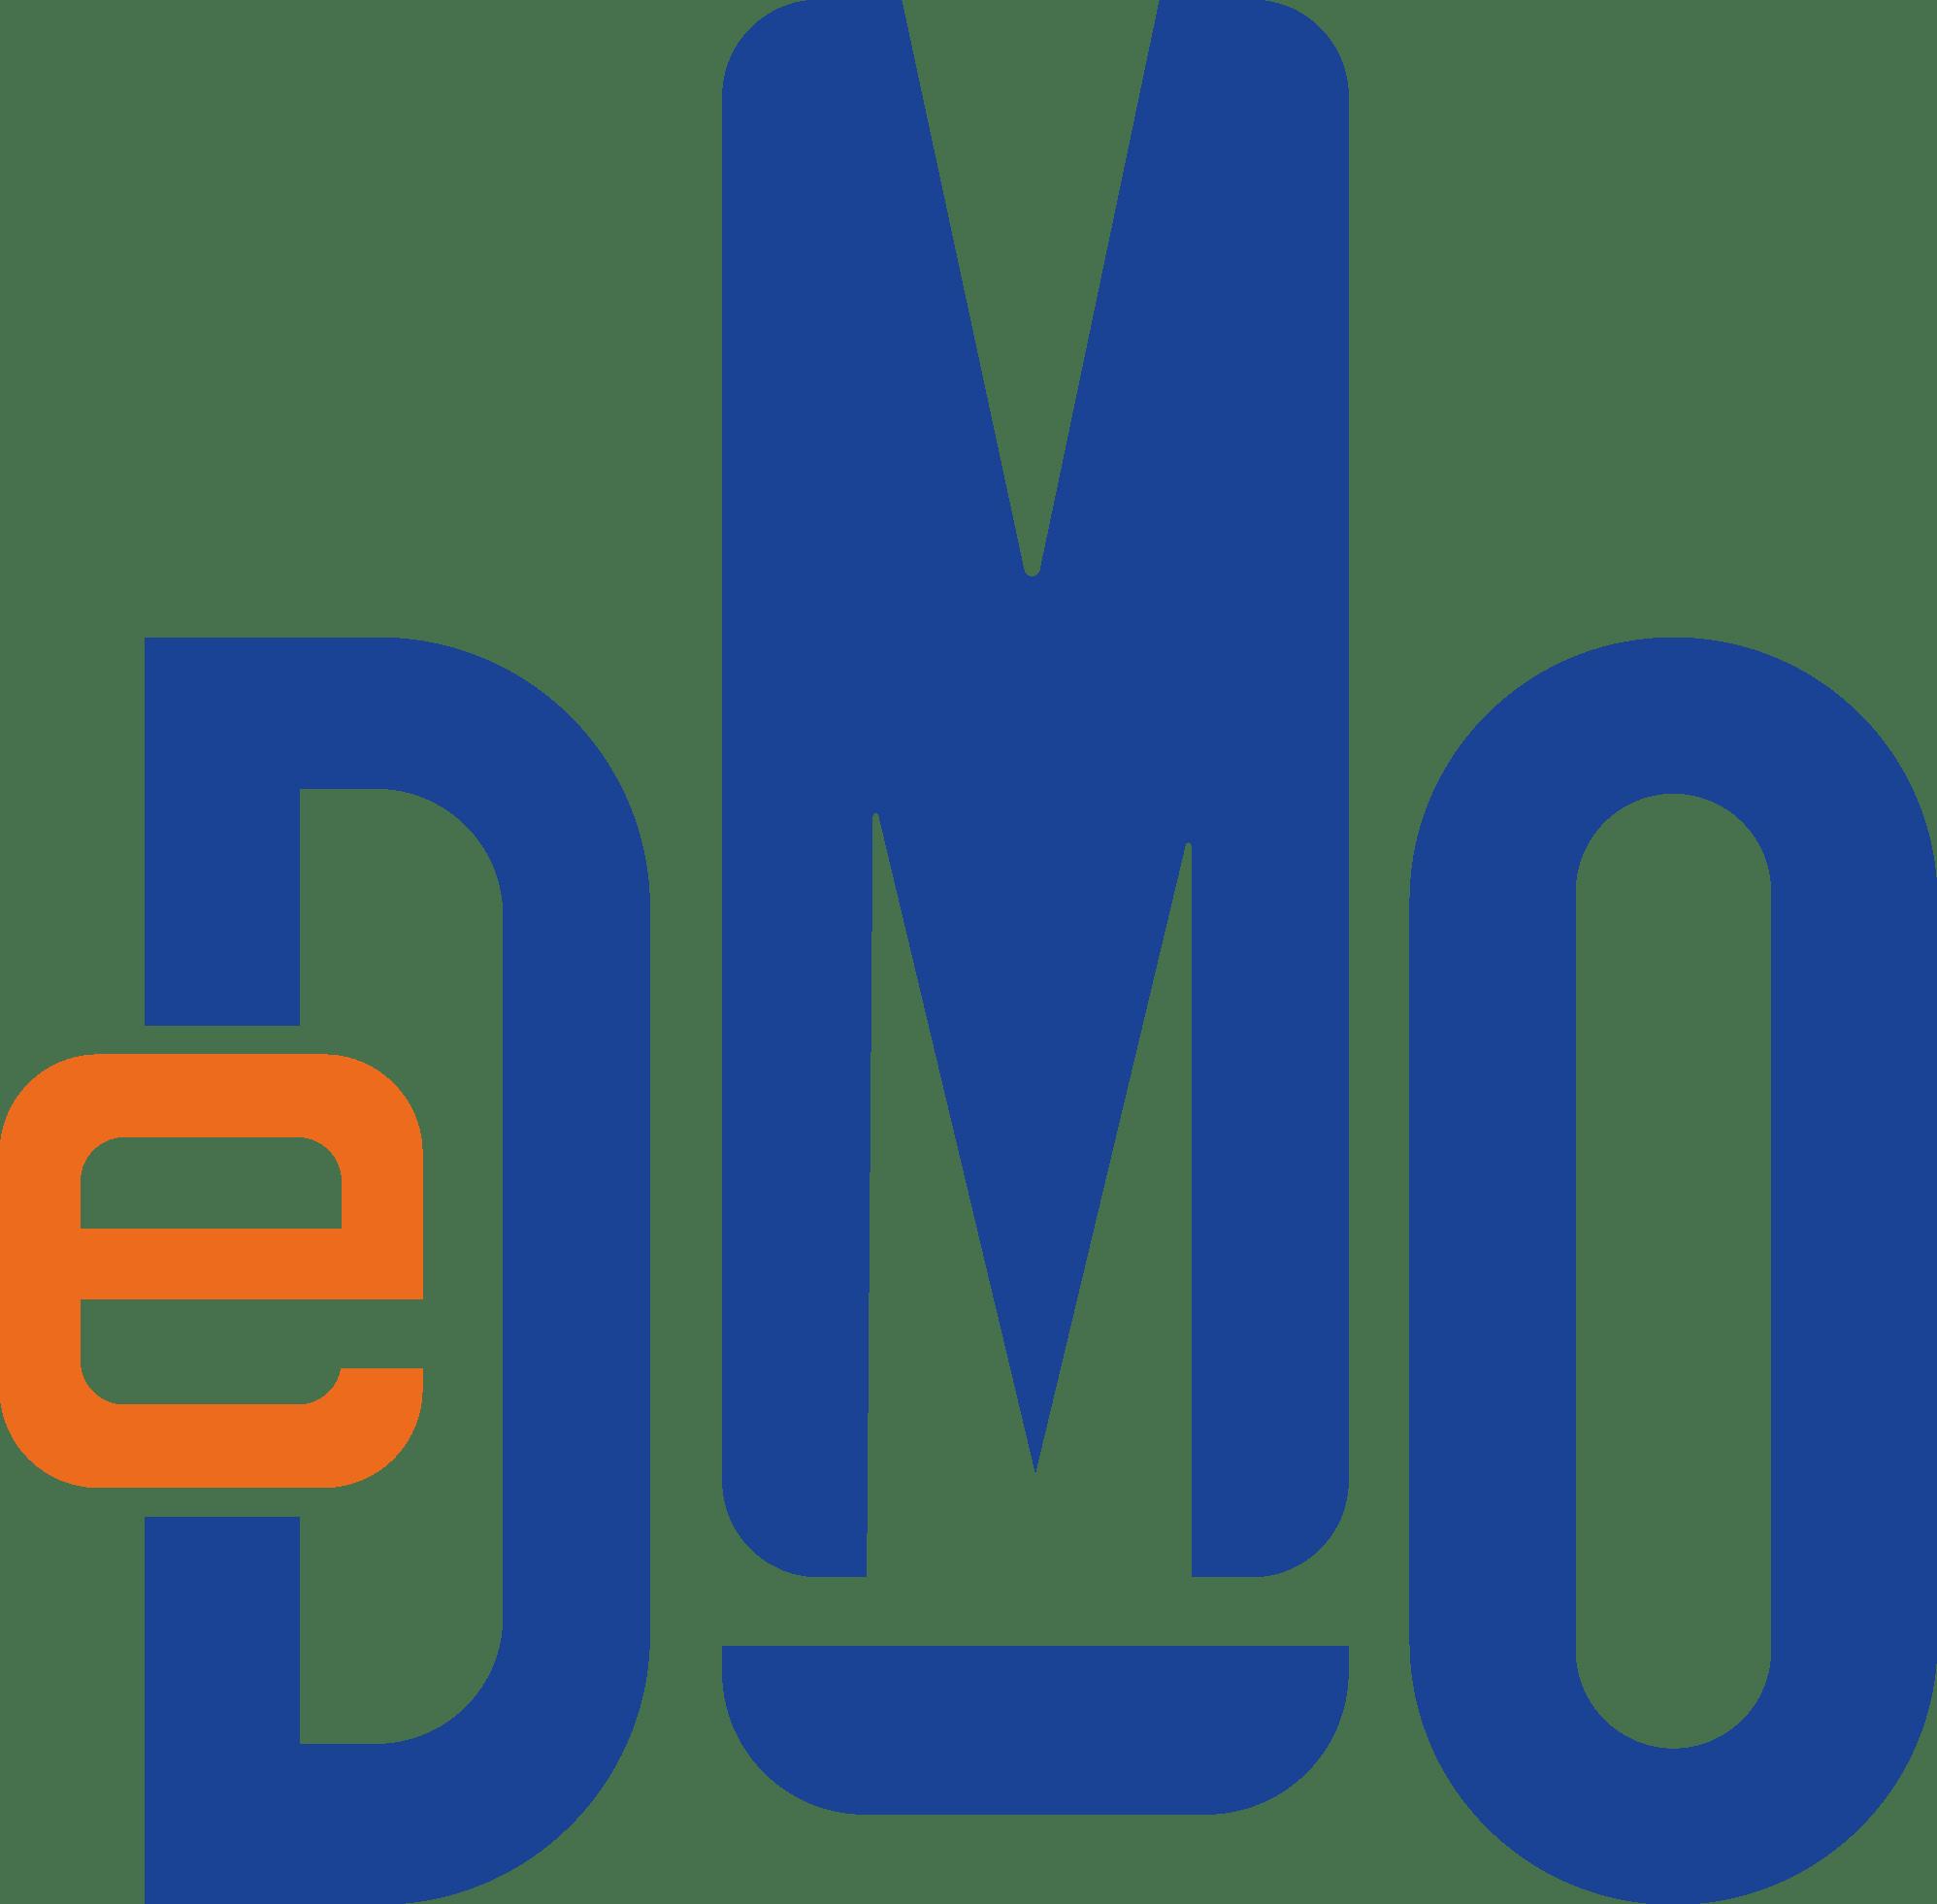 DMO Logo (Devlet Malzeme Ofisi) png